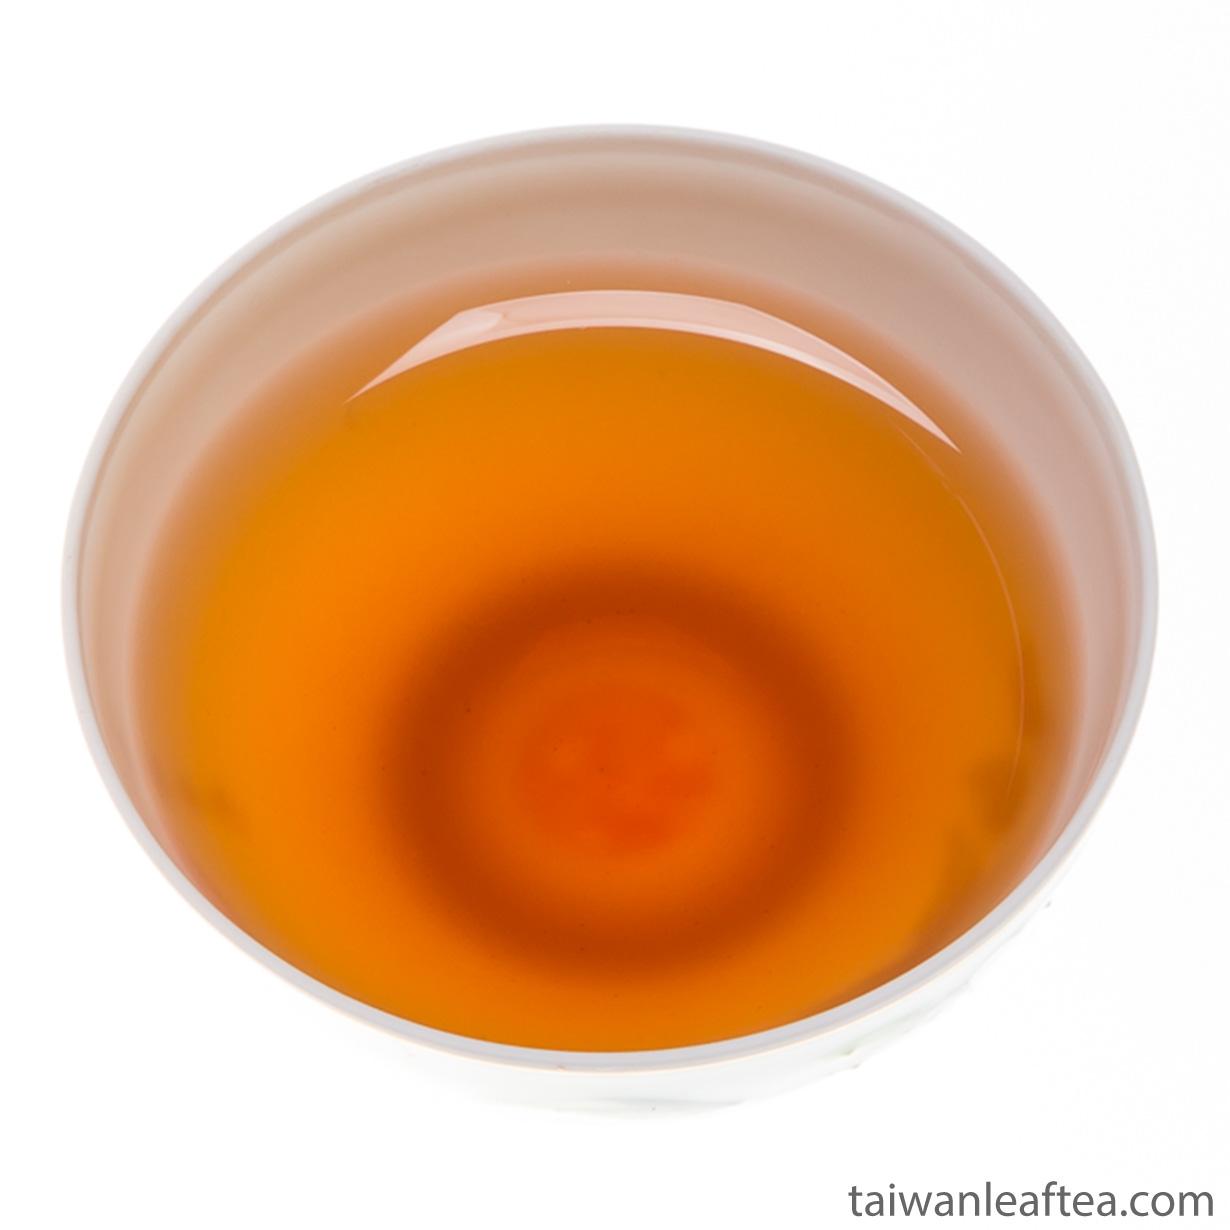 How to Buy Oolong Tea (Wu Long Tea) Online